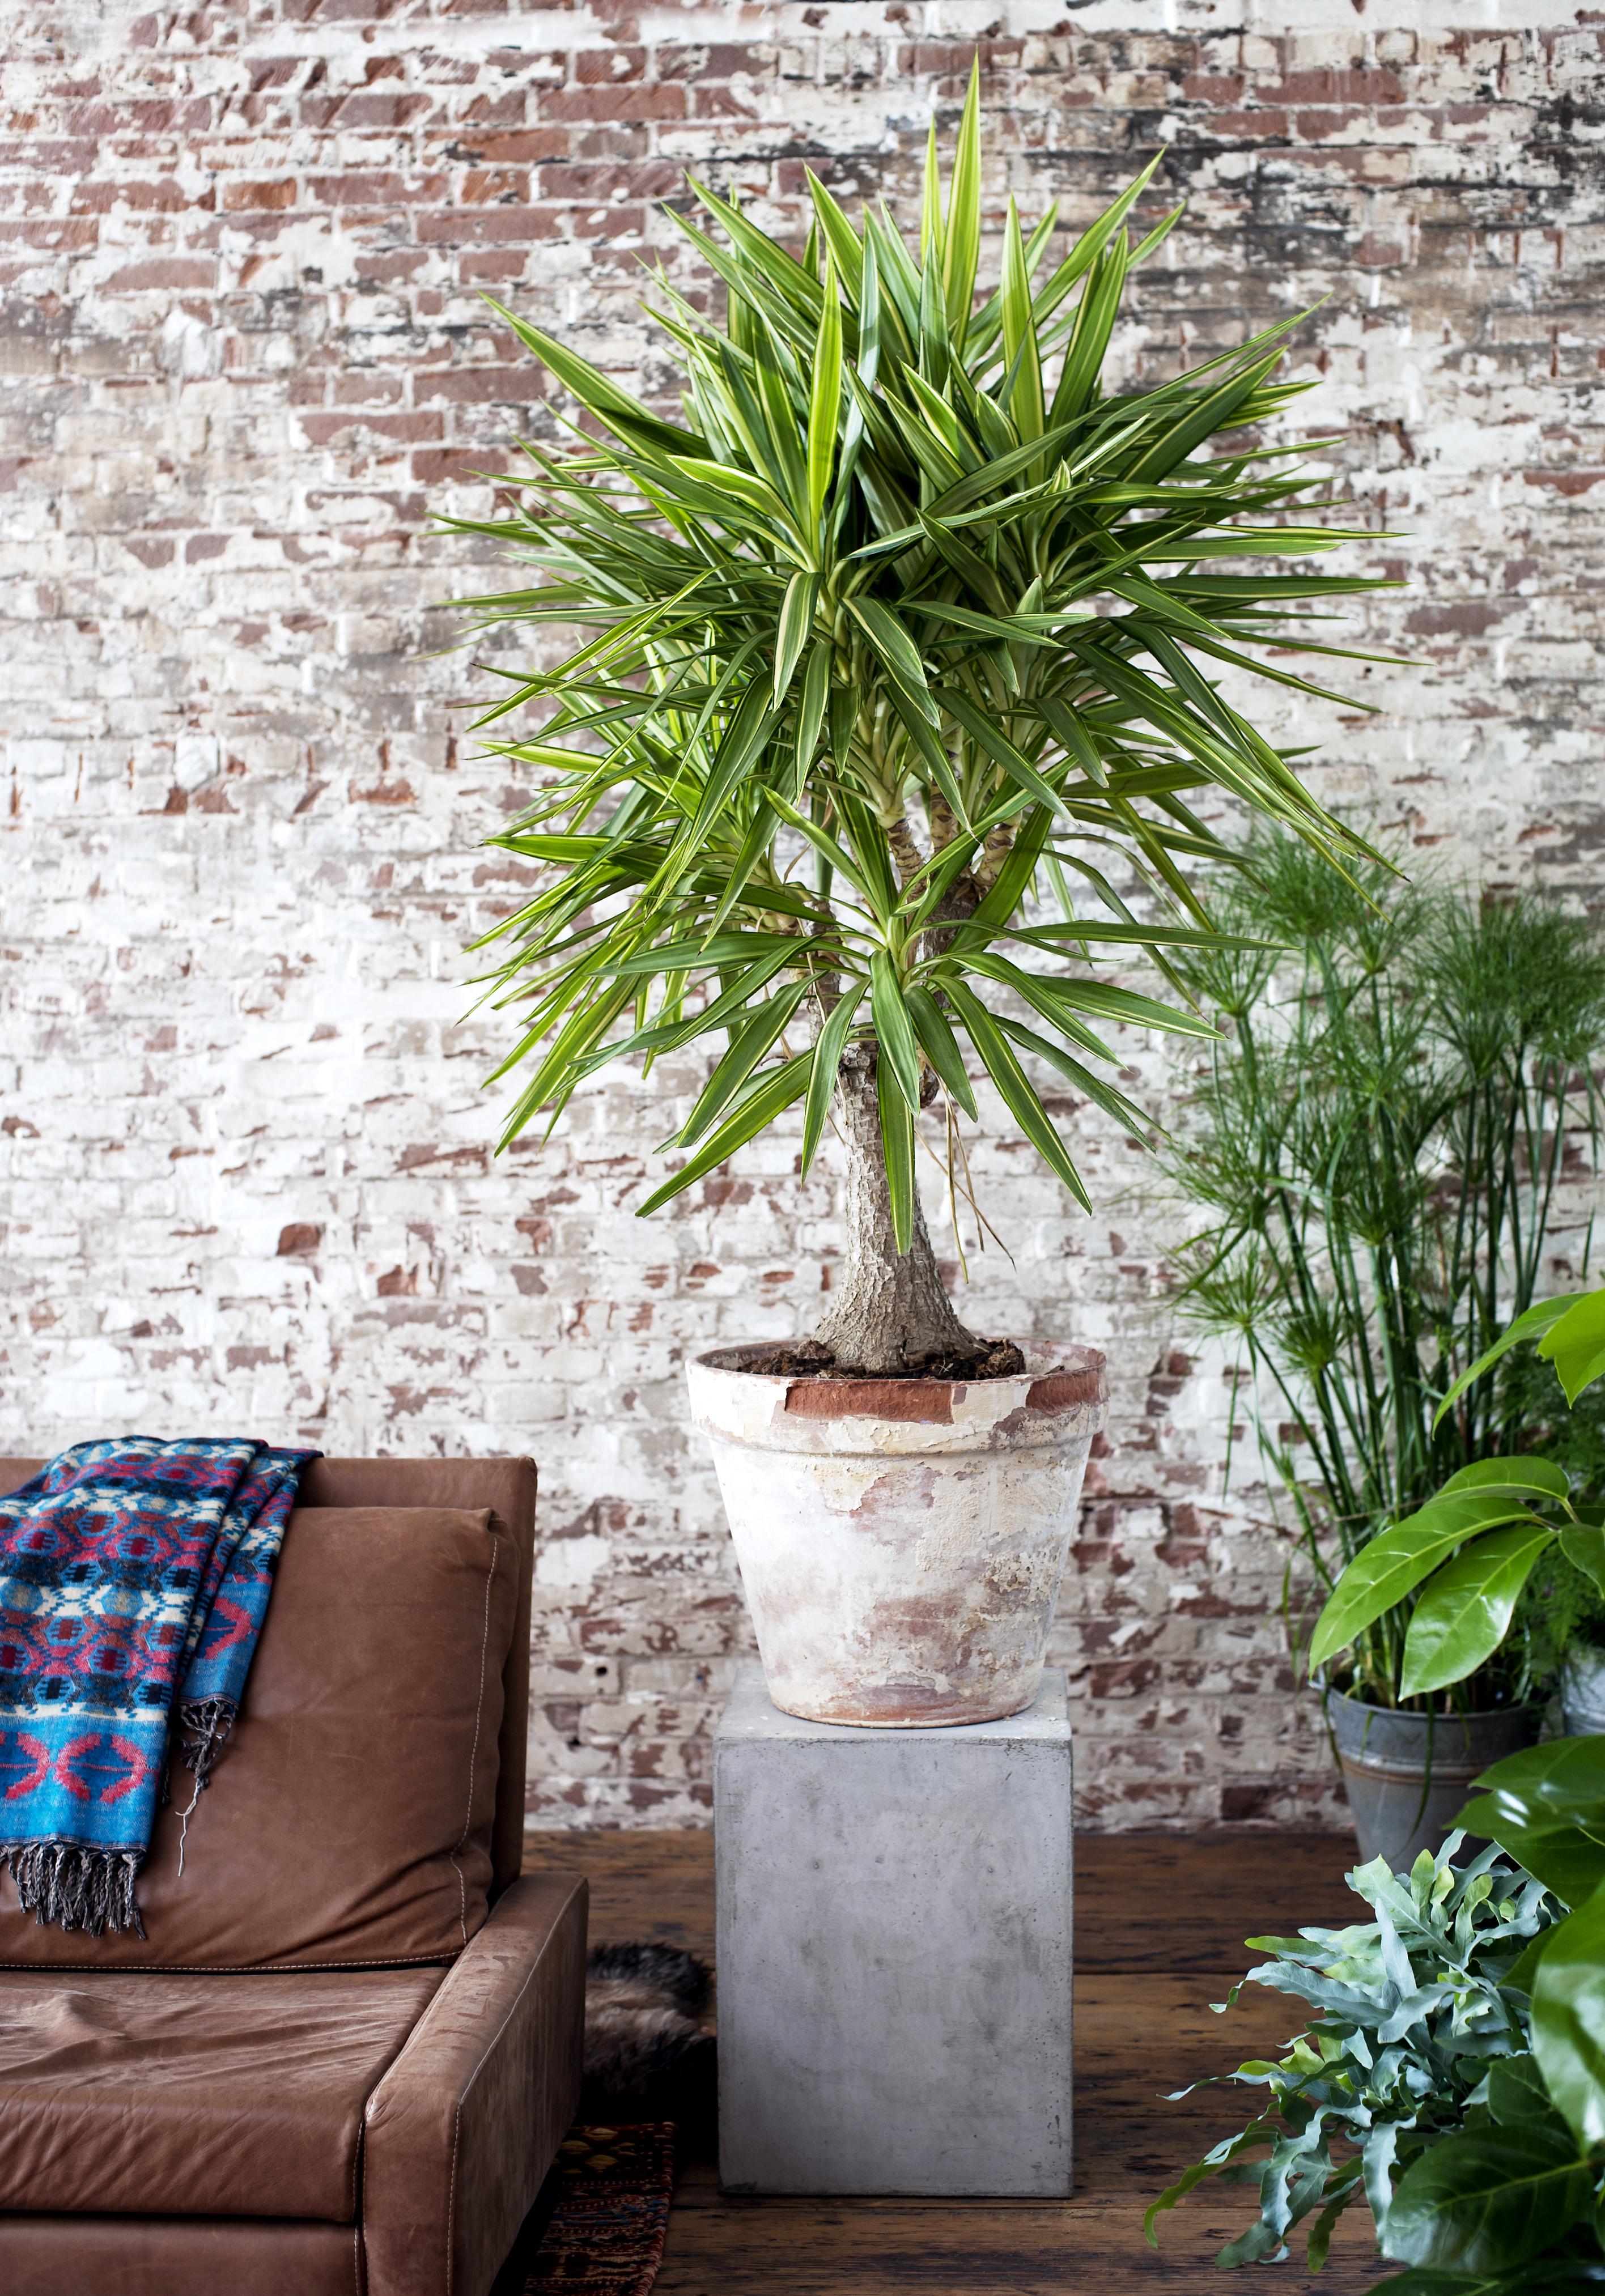 januar 2015: die yucca ist die zimmerpflanze des monats | blumenbüro - Grose Wohnzimmer Pflanzen